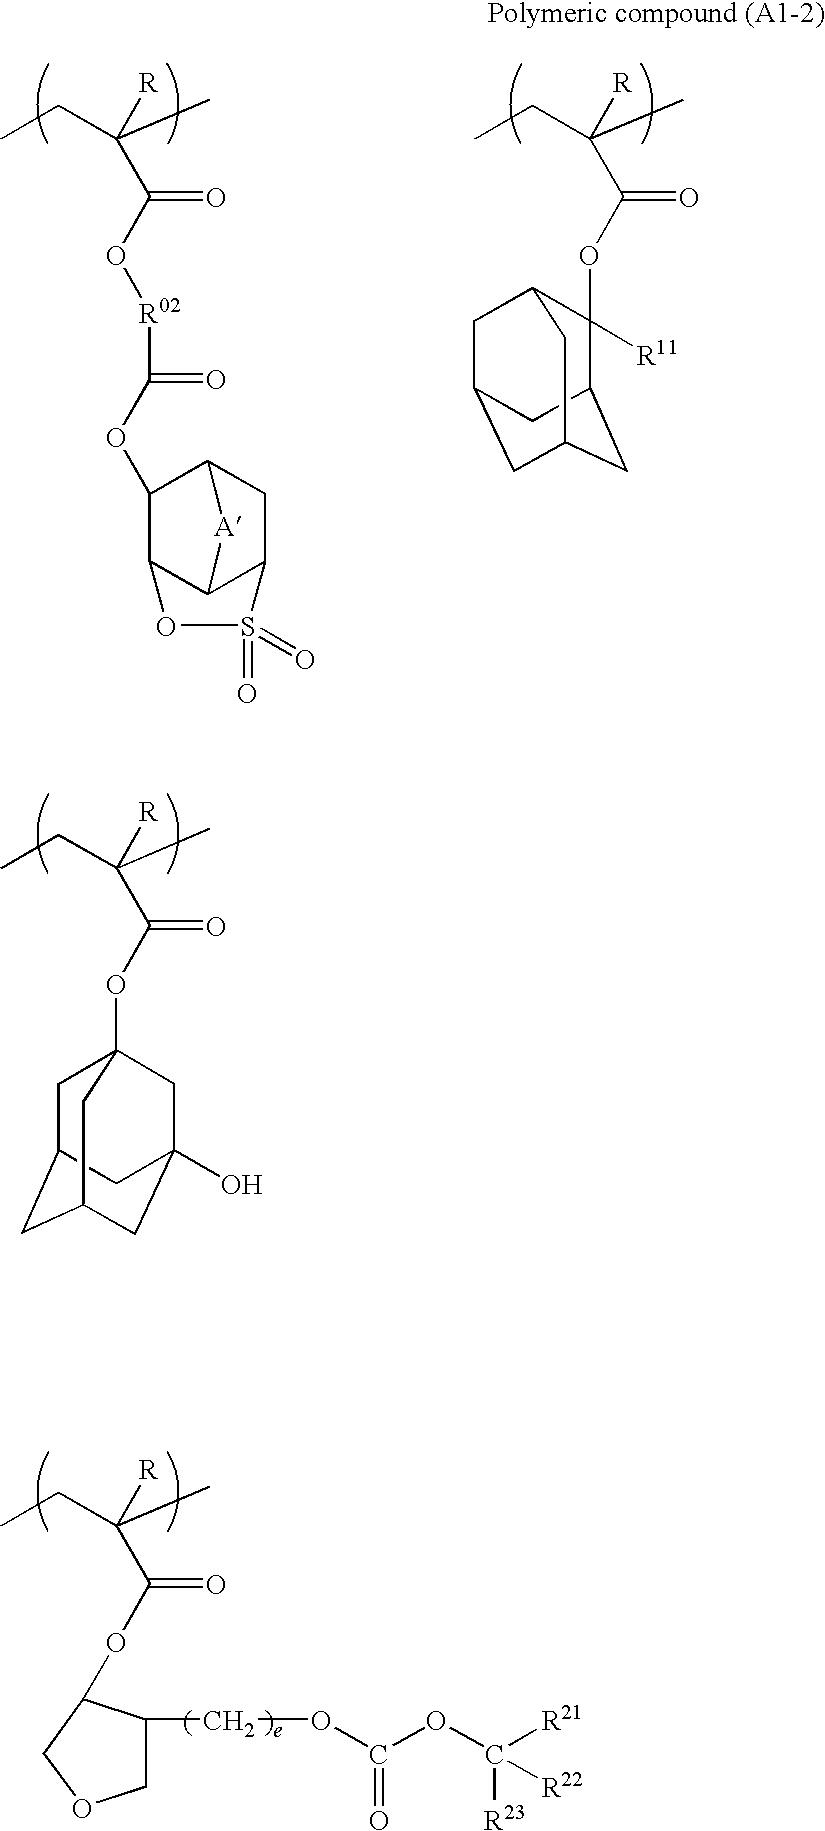 Figure US20100196821A1-20100805-C00081